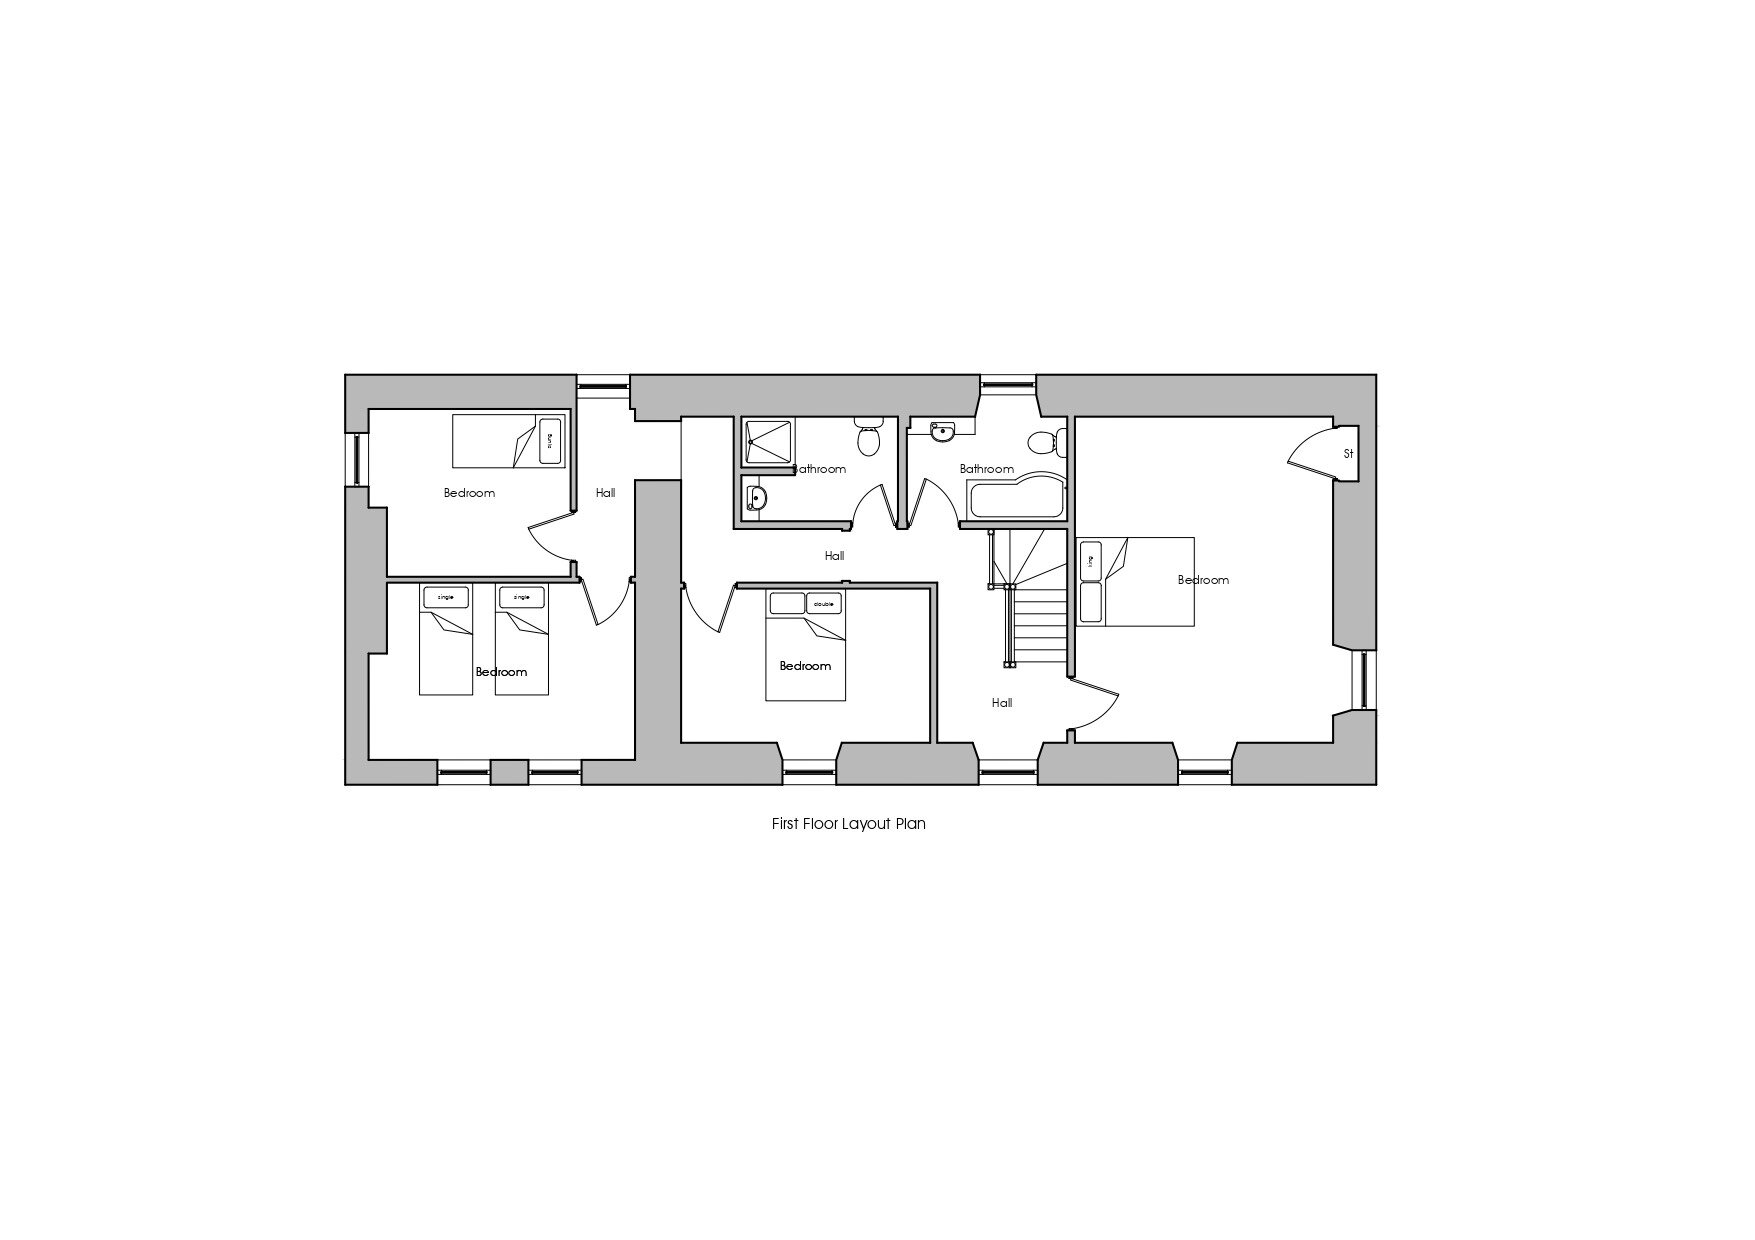 The-Farmhouse-First-Floor-Plan-2019.jpg